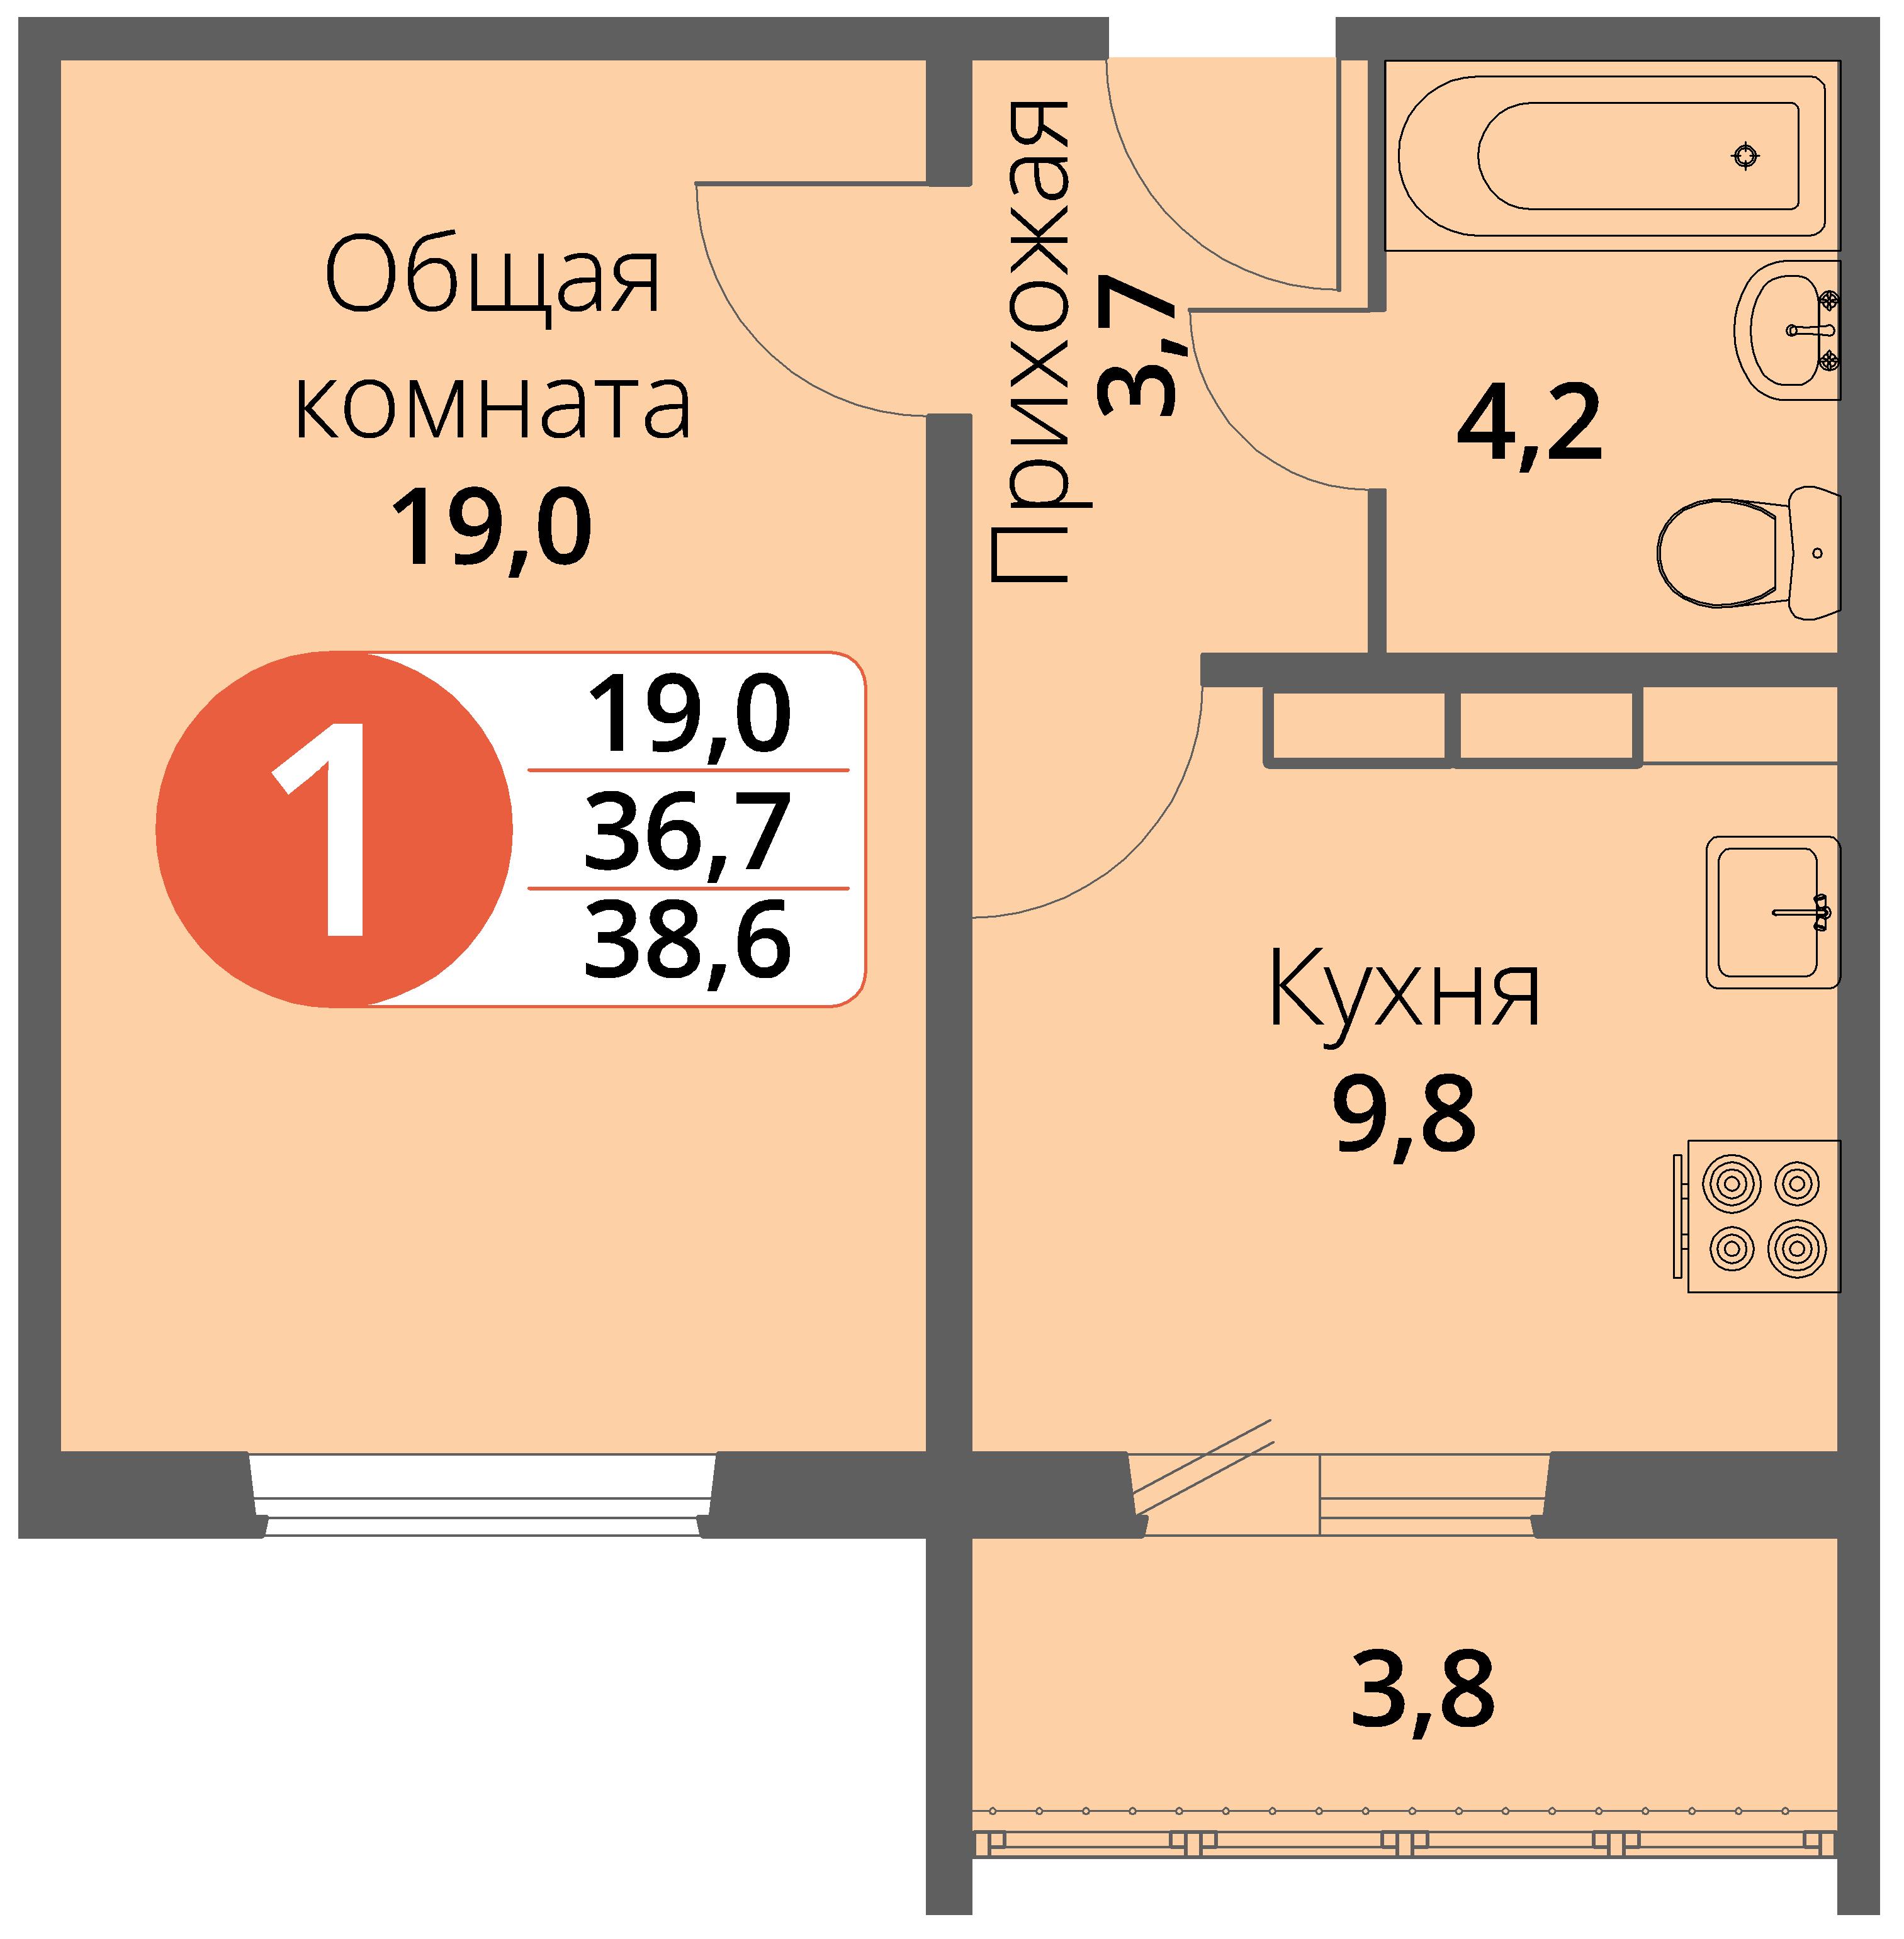 Зареченская 1-2, квартира 134 - Однокомнатная